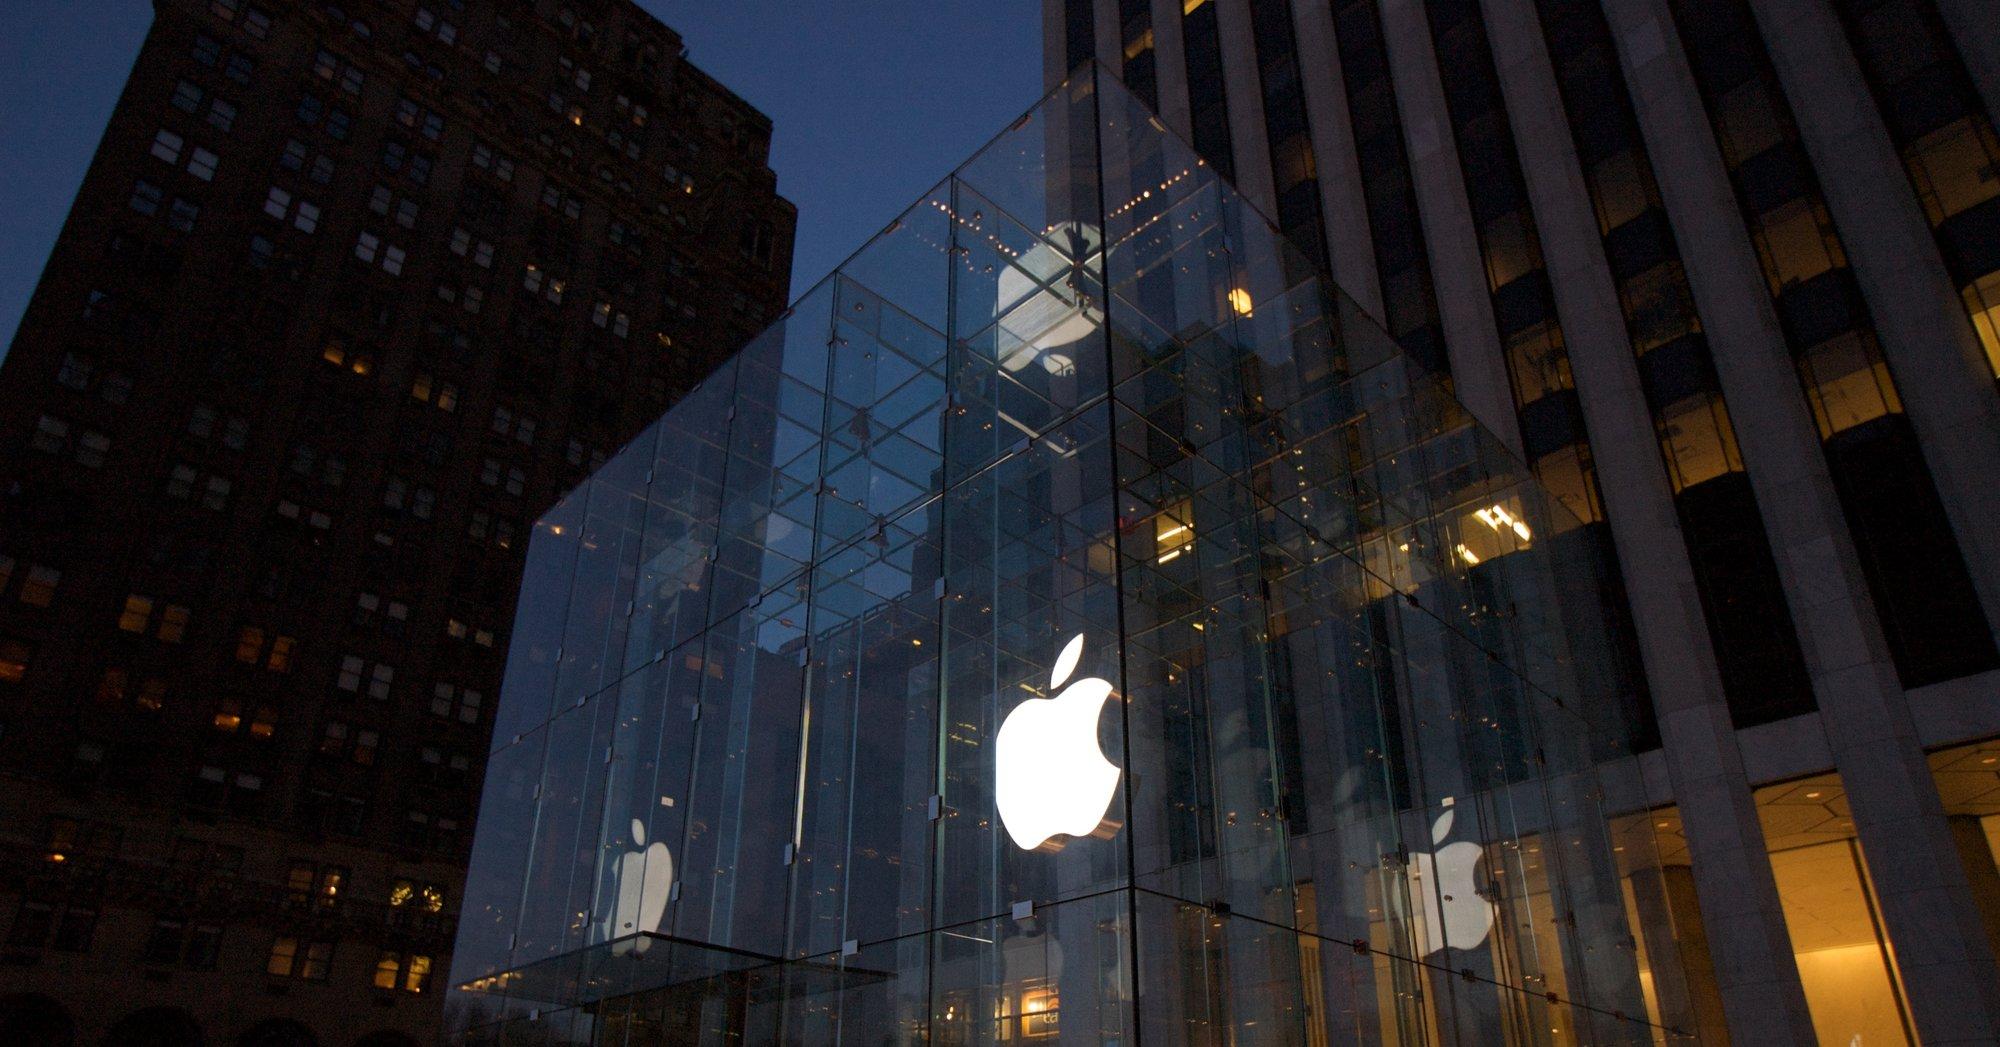 Riktig så flott som Apples Store på 5th Avenue i New York blir nok neppe avdelingen i Stockholm...